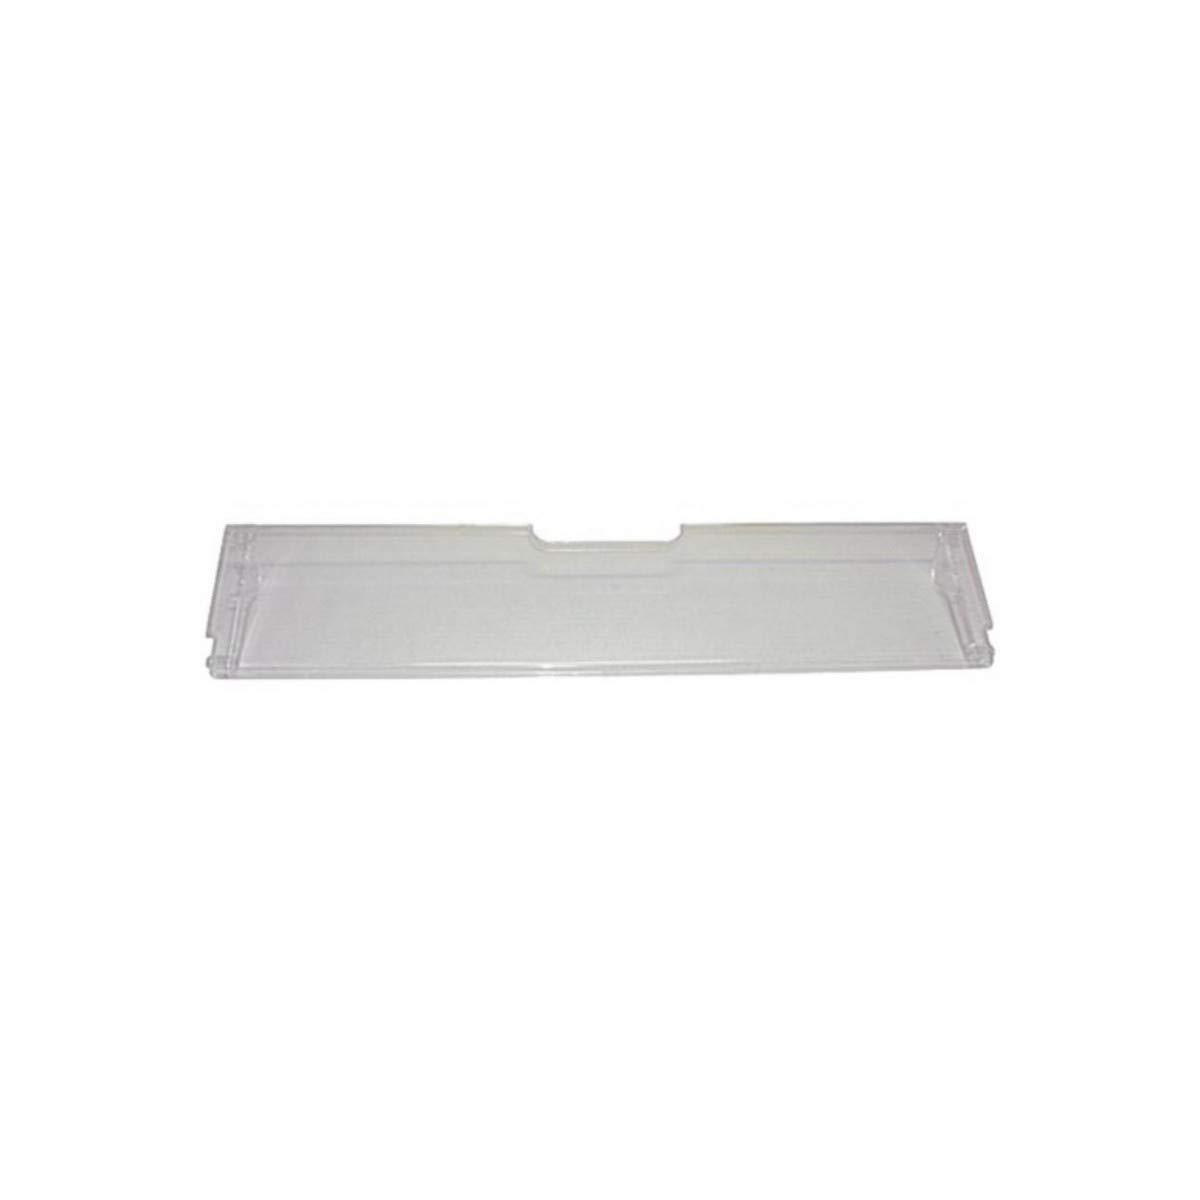 Recamania Puerta evaporador frigorifico Balay KGU44120IE01 216829 ...